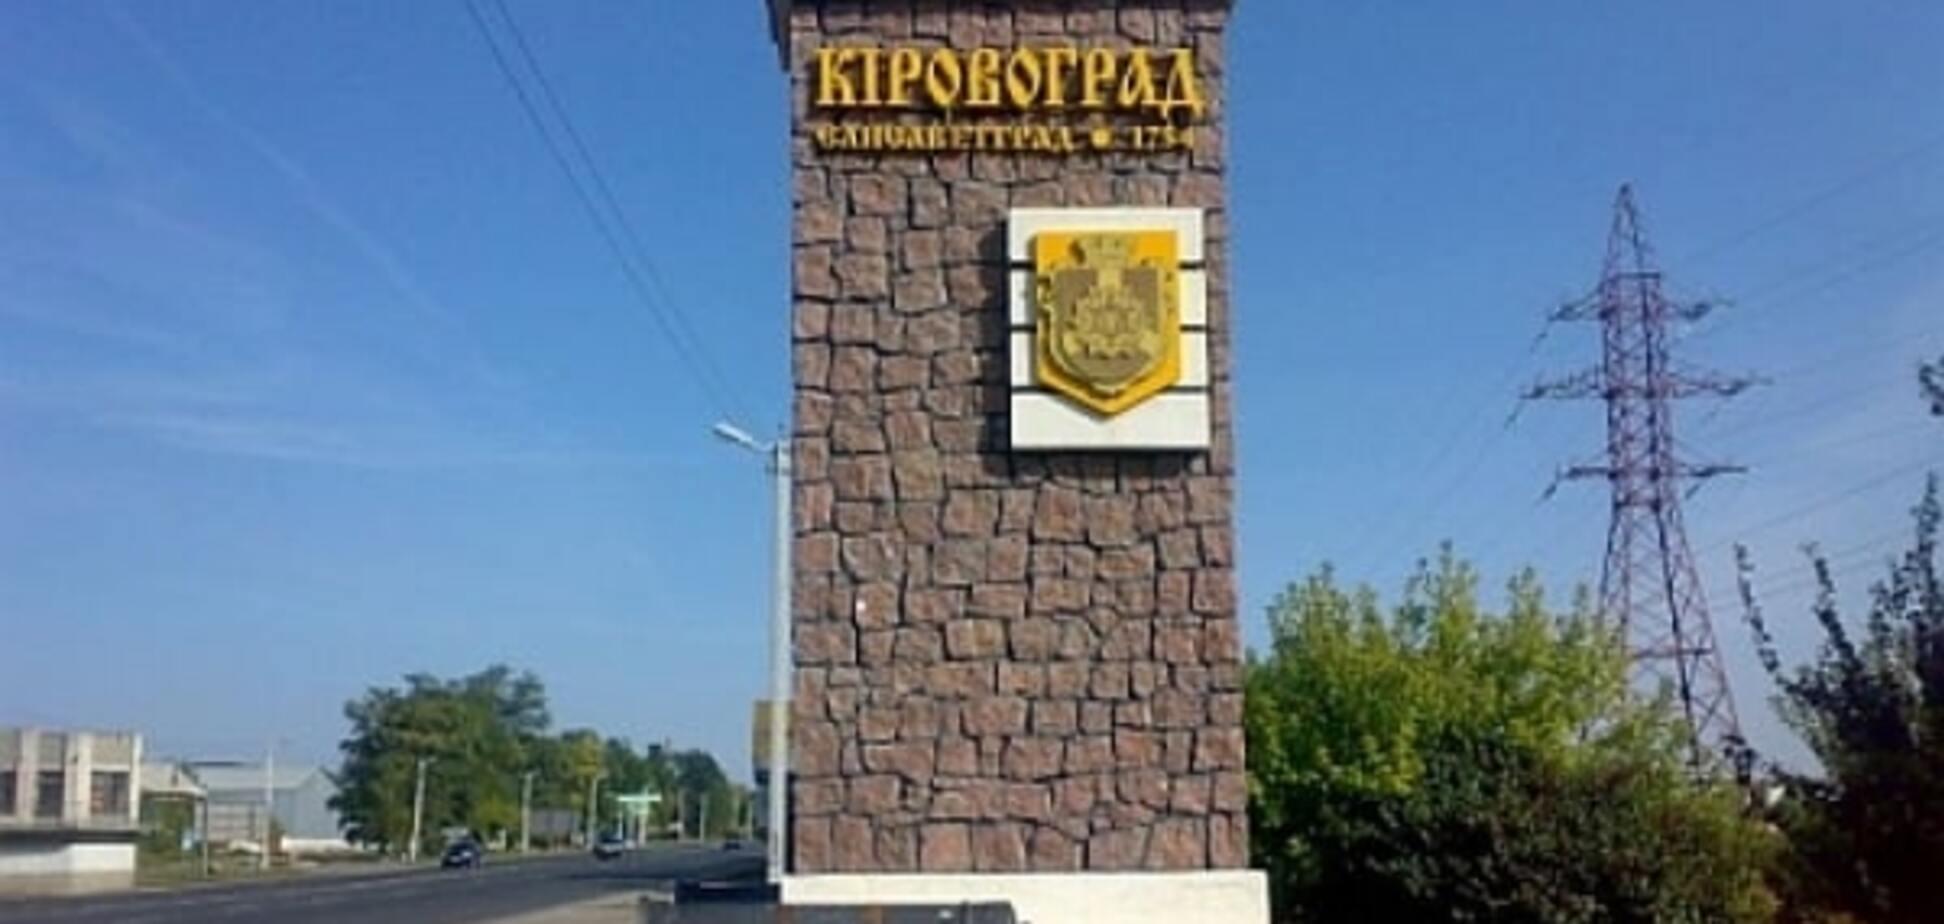 Хозяева Кировограда: как местные элиты поделили земли города